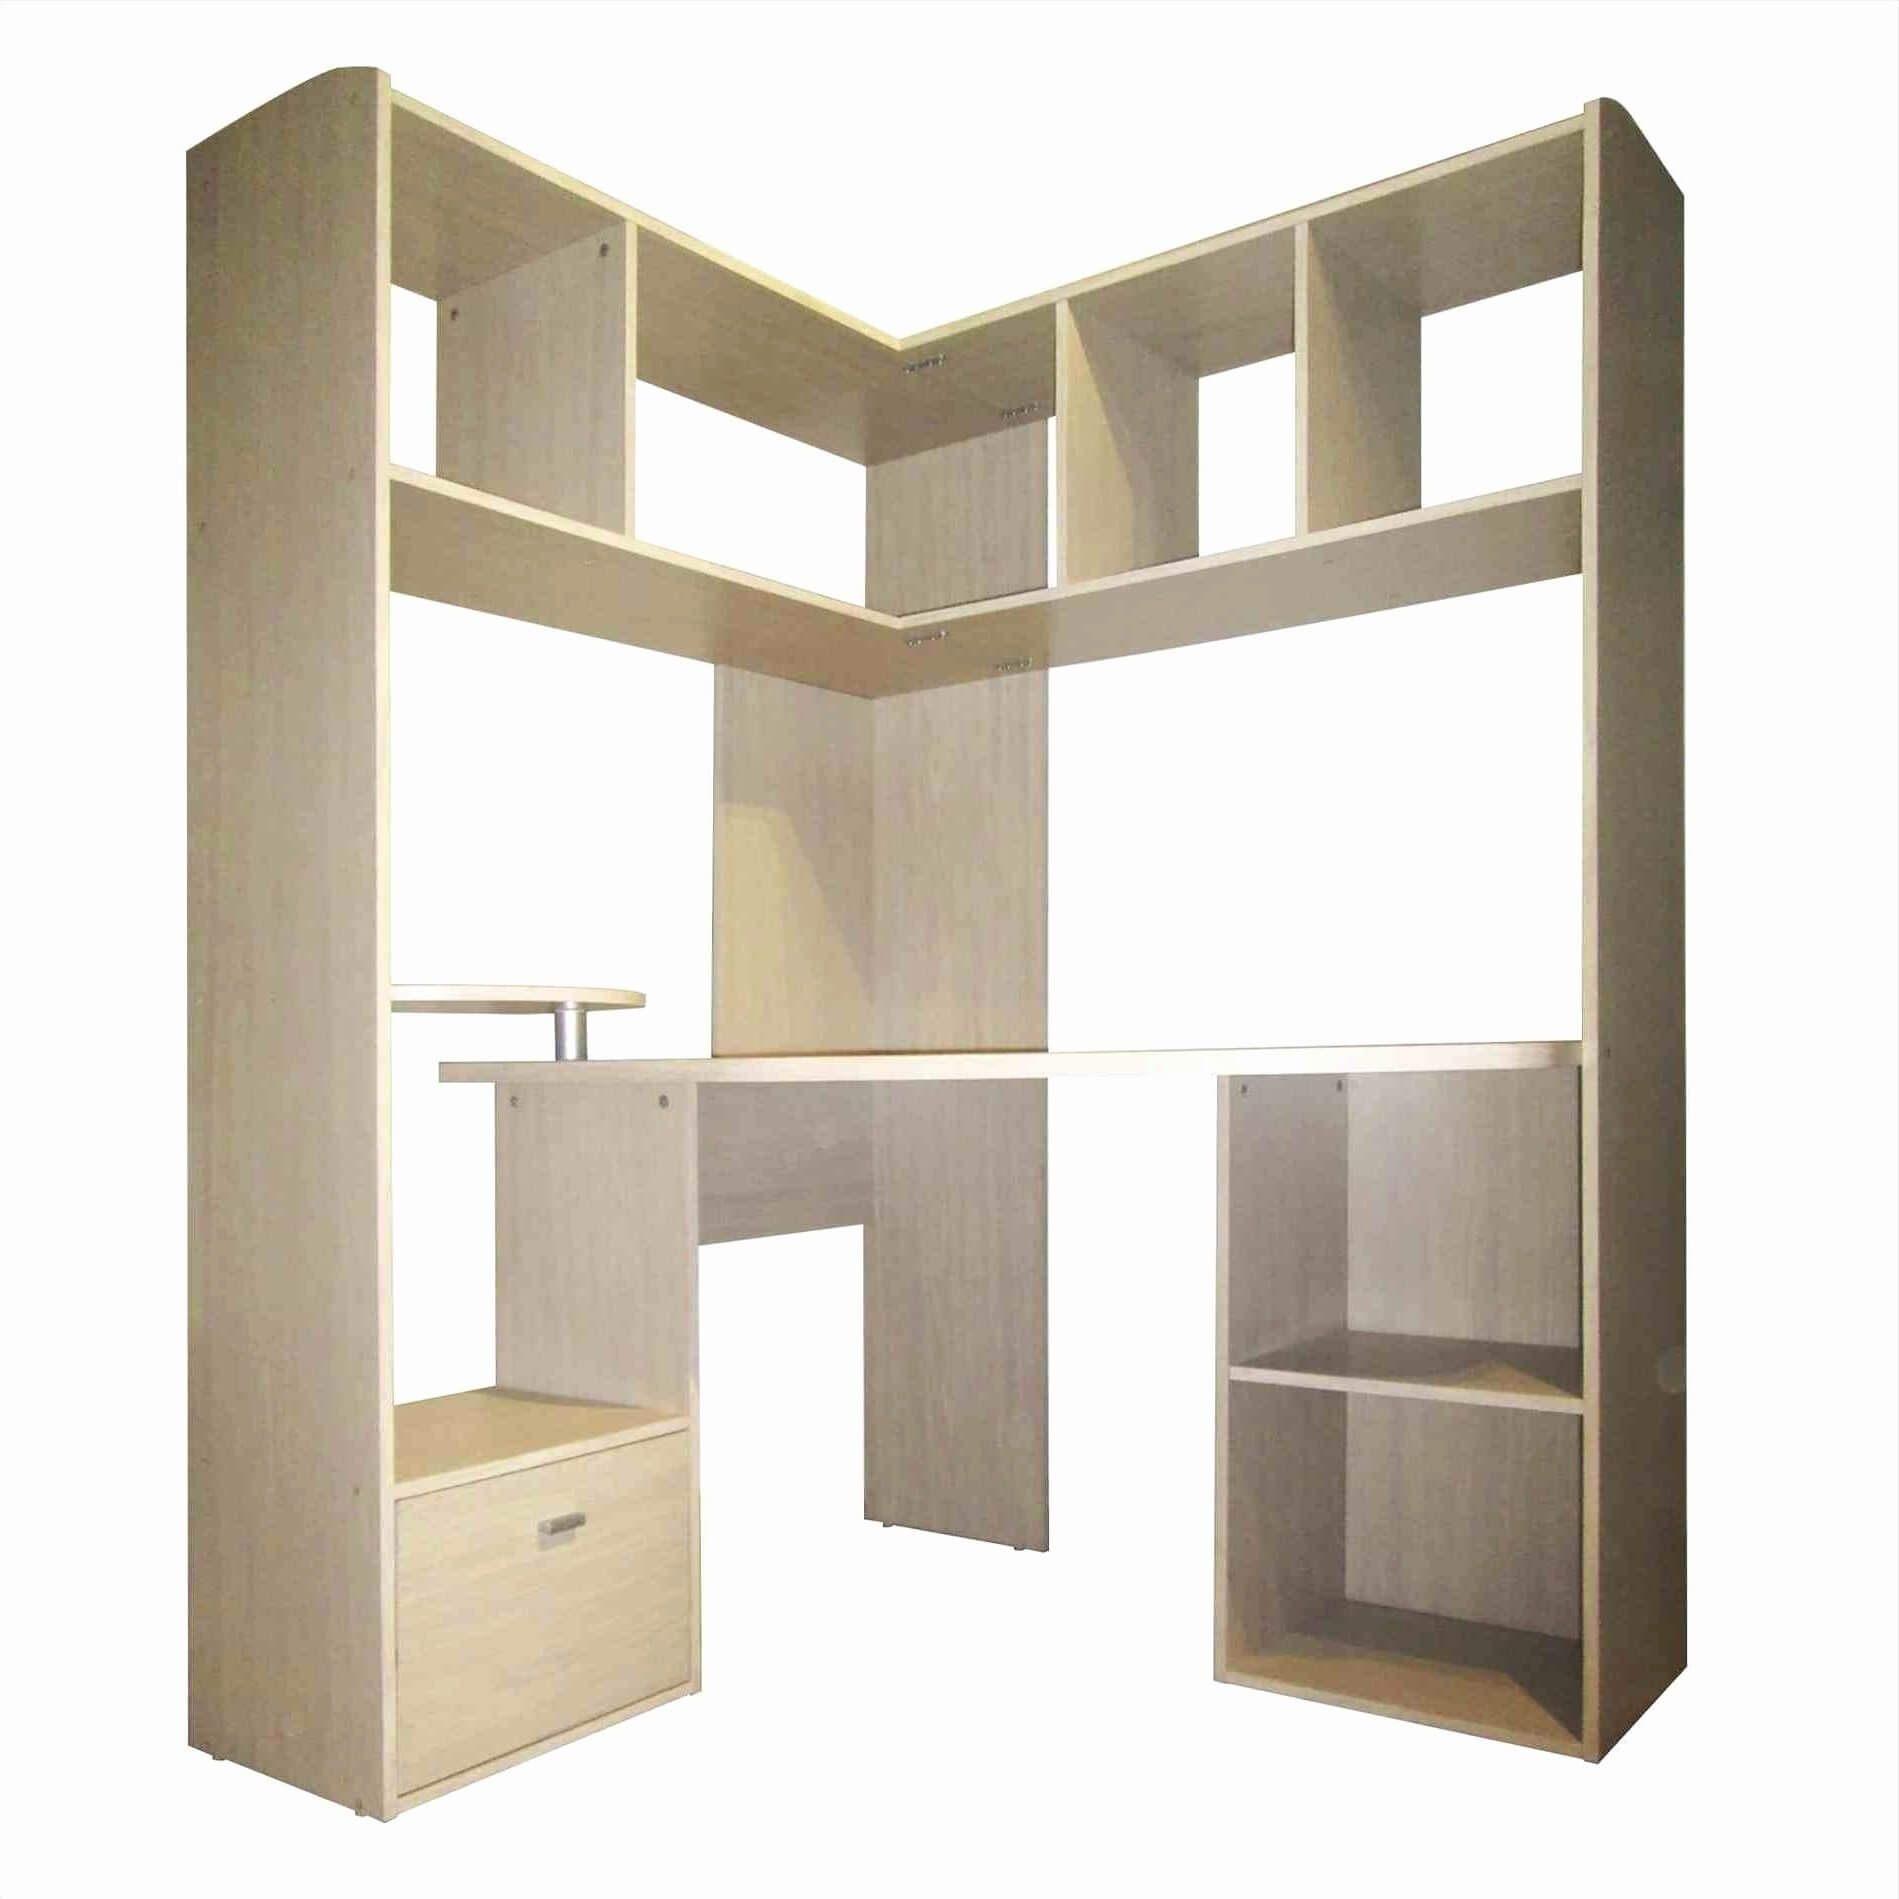 Lit Estrade Ikea Génial Aller Chercher Ikea Armoire Lit Ou Table Gain De Place Beautiful Lit